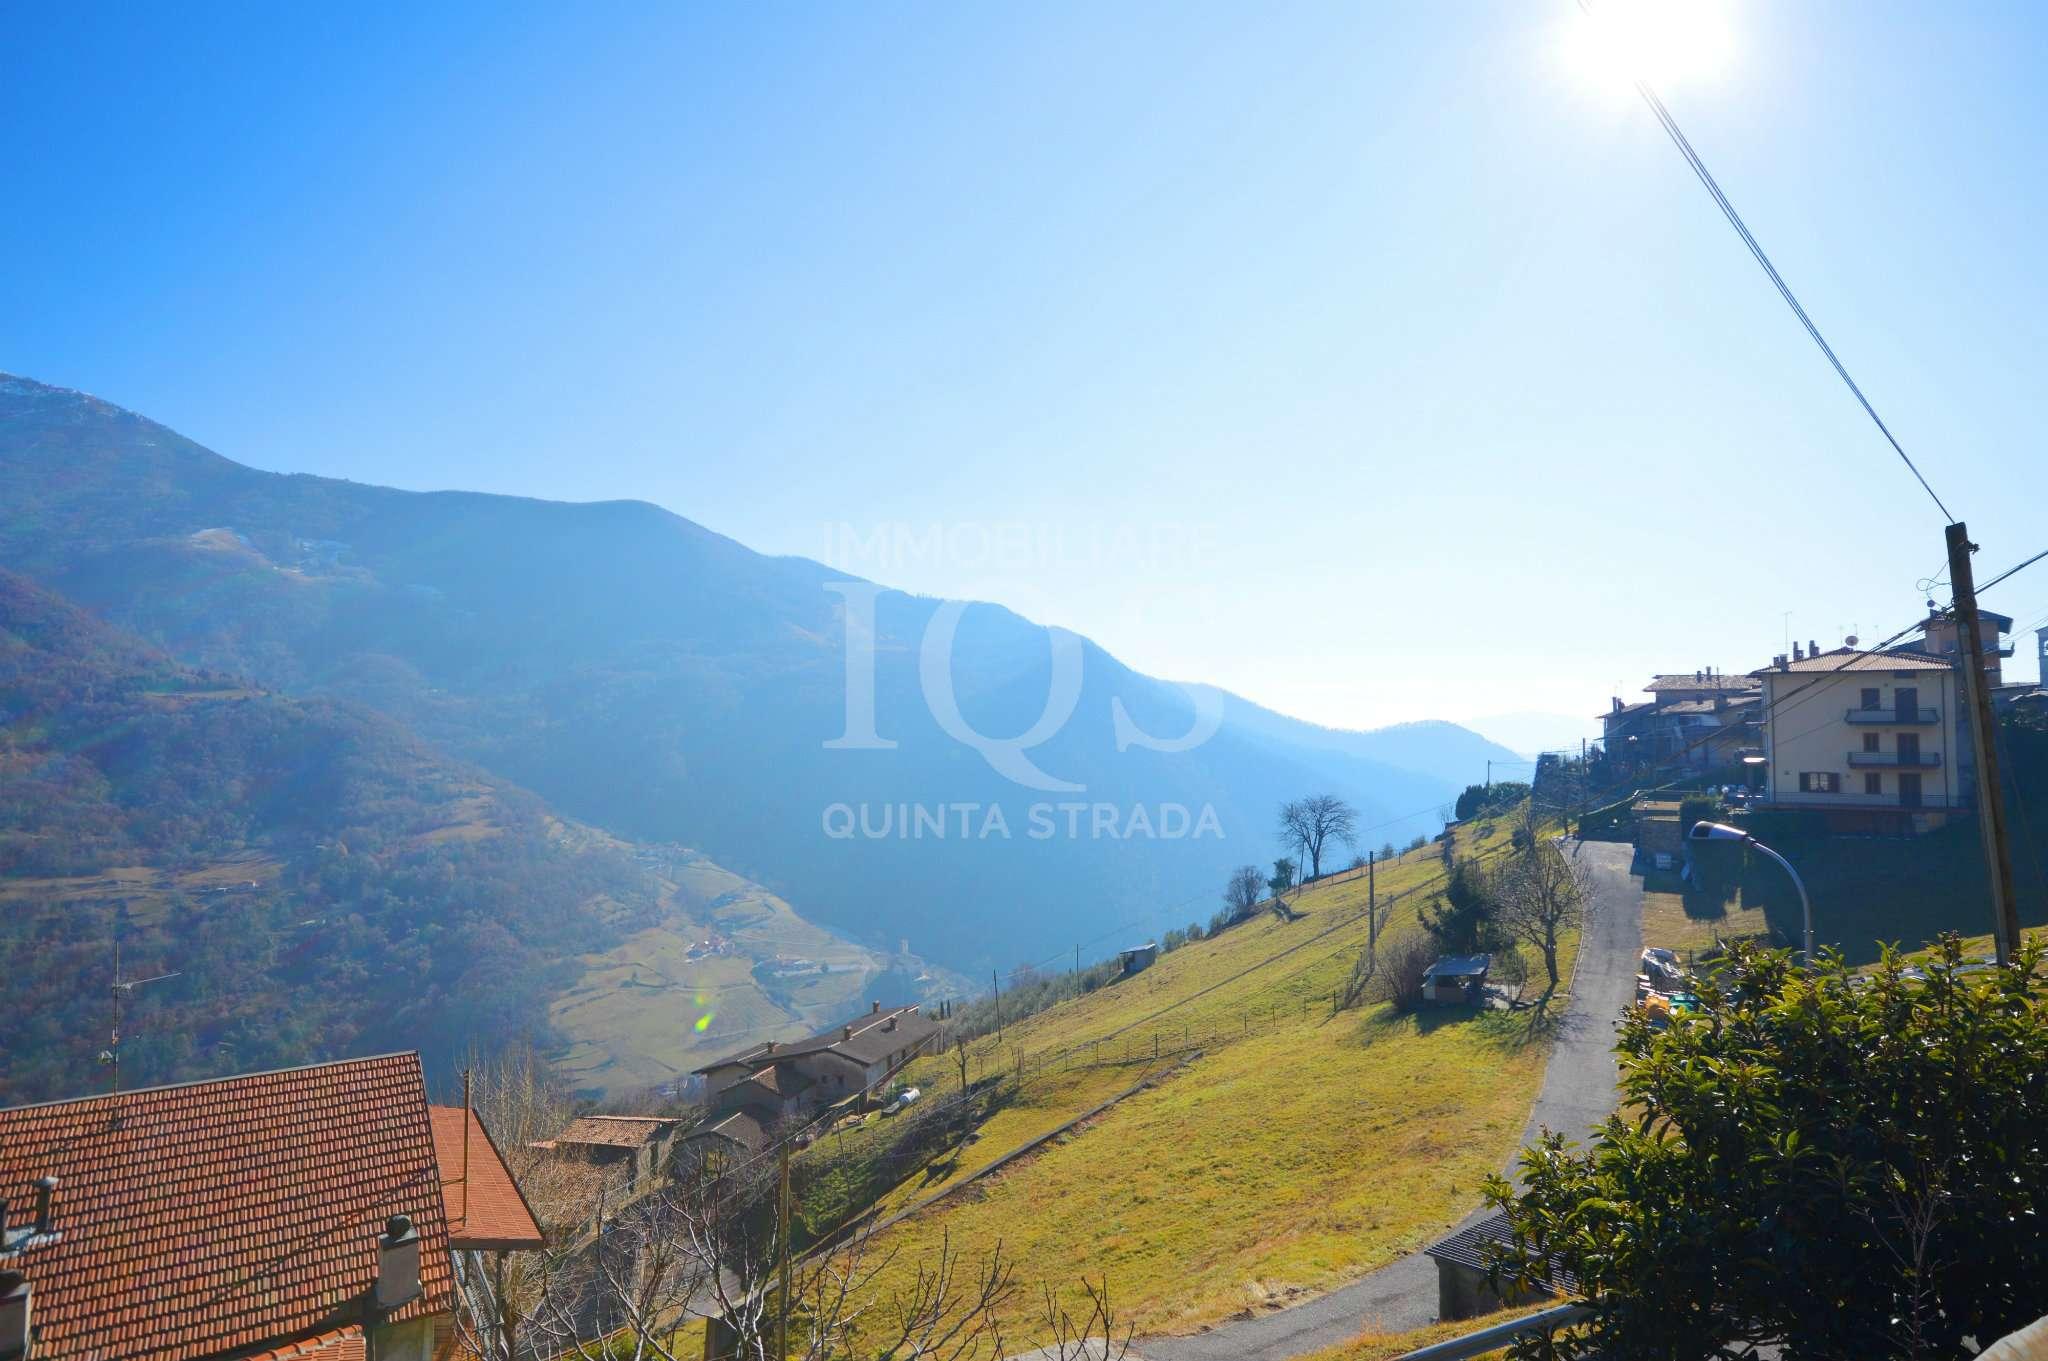 Appartamento in vendita a Adrara San Martino, 2 locali, prezzo € 59.000 | PortaleAgenzieImmobiliari.it